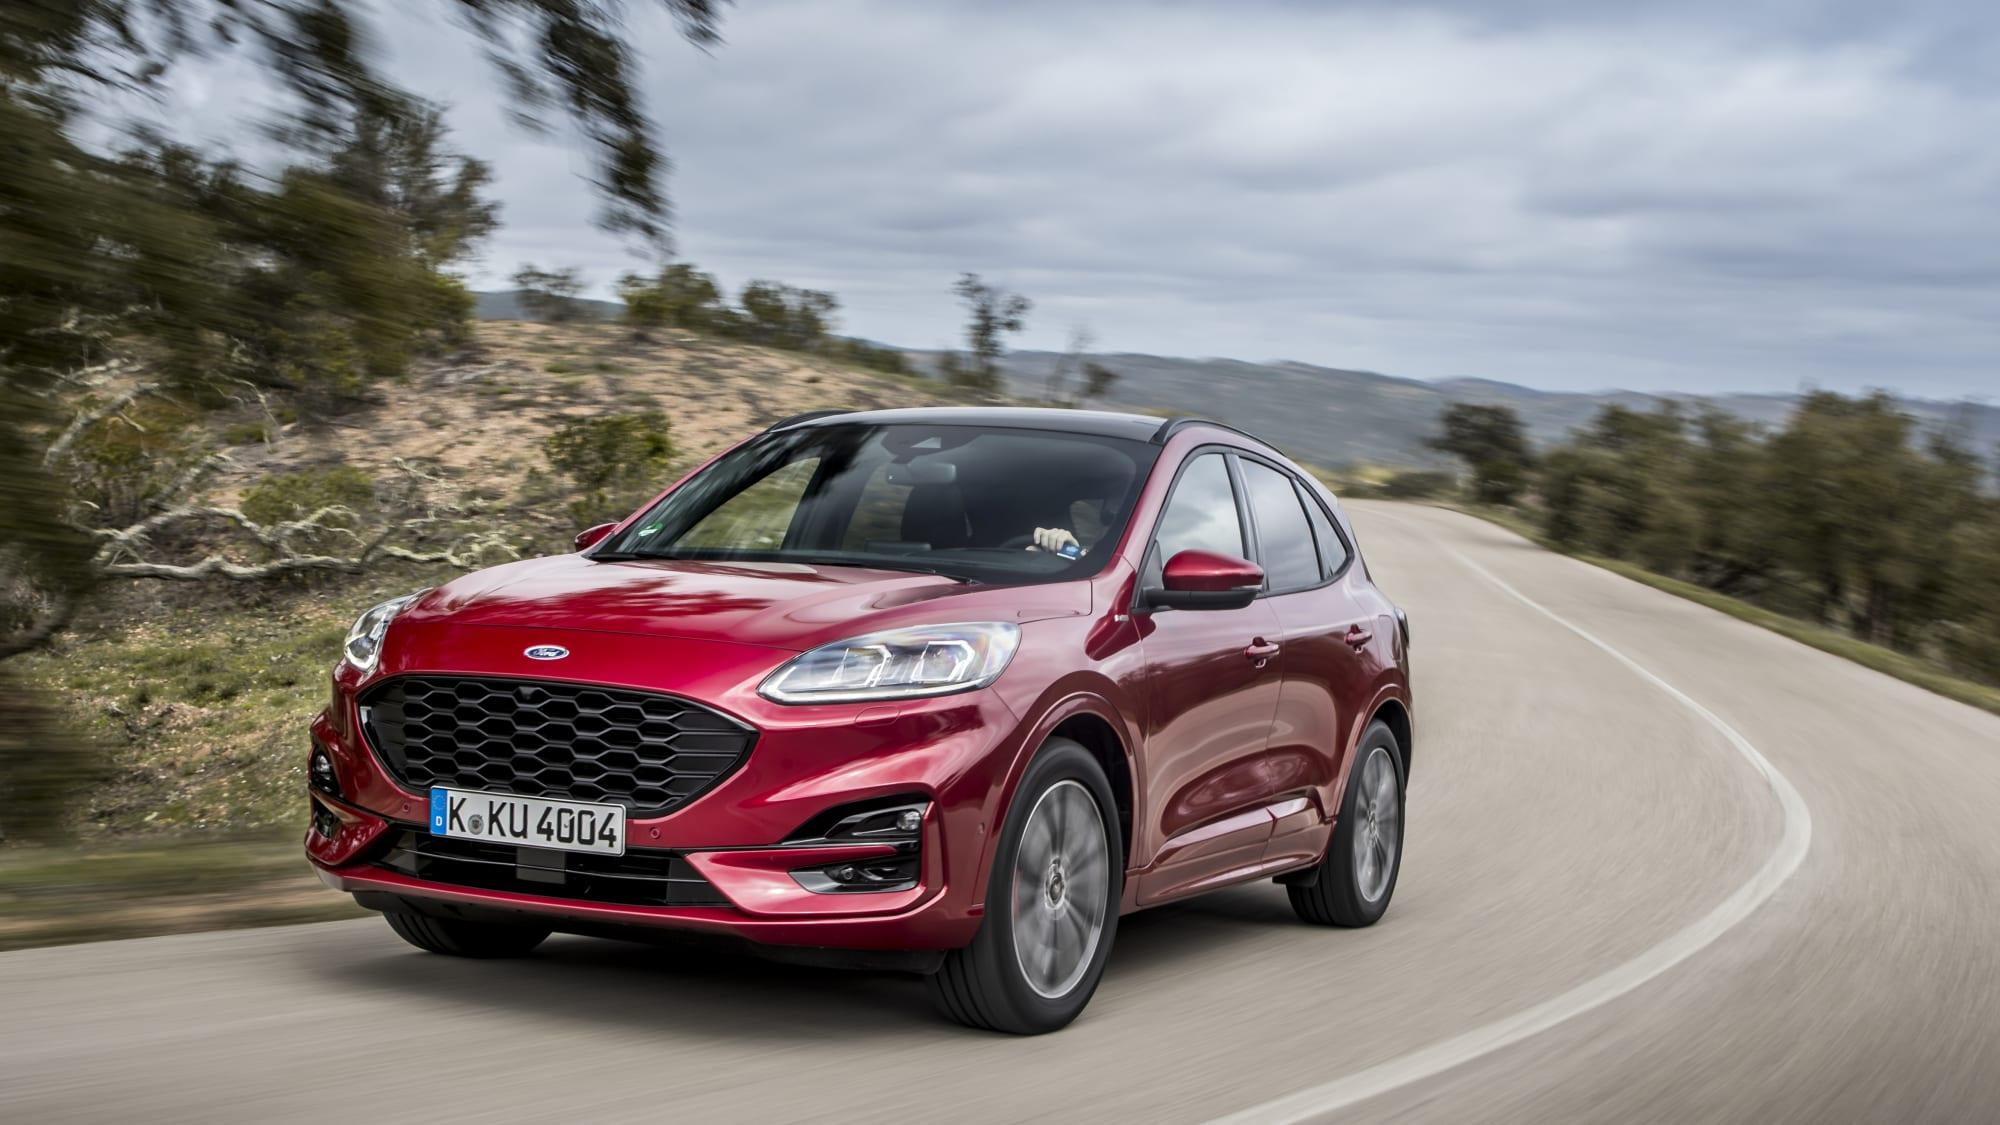 Ford Kuga Hybrid fährt dynamisch auf einer Strasse